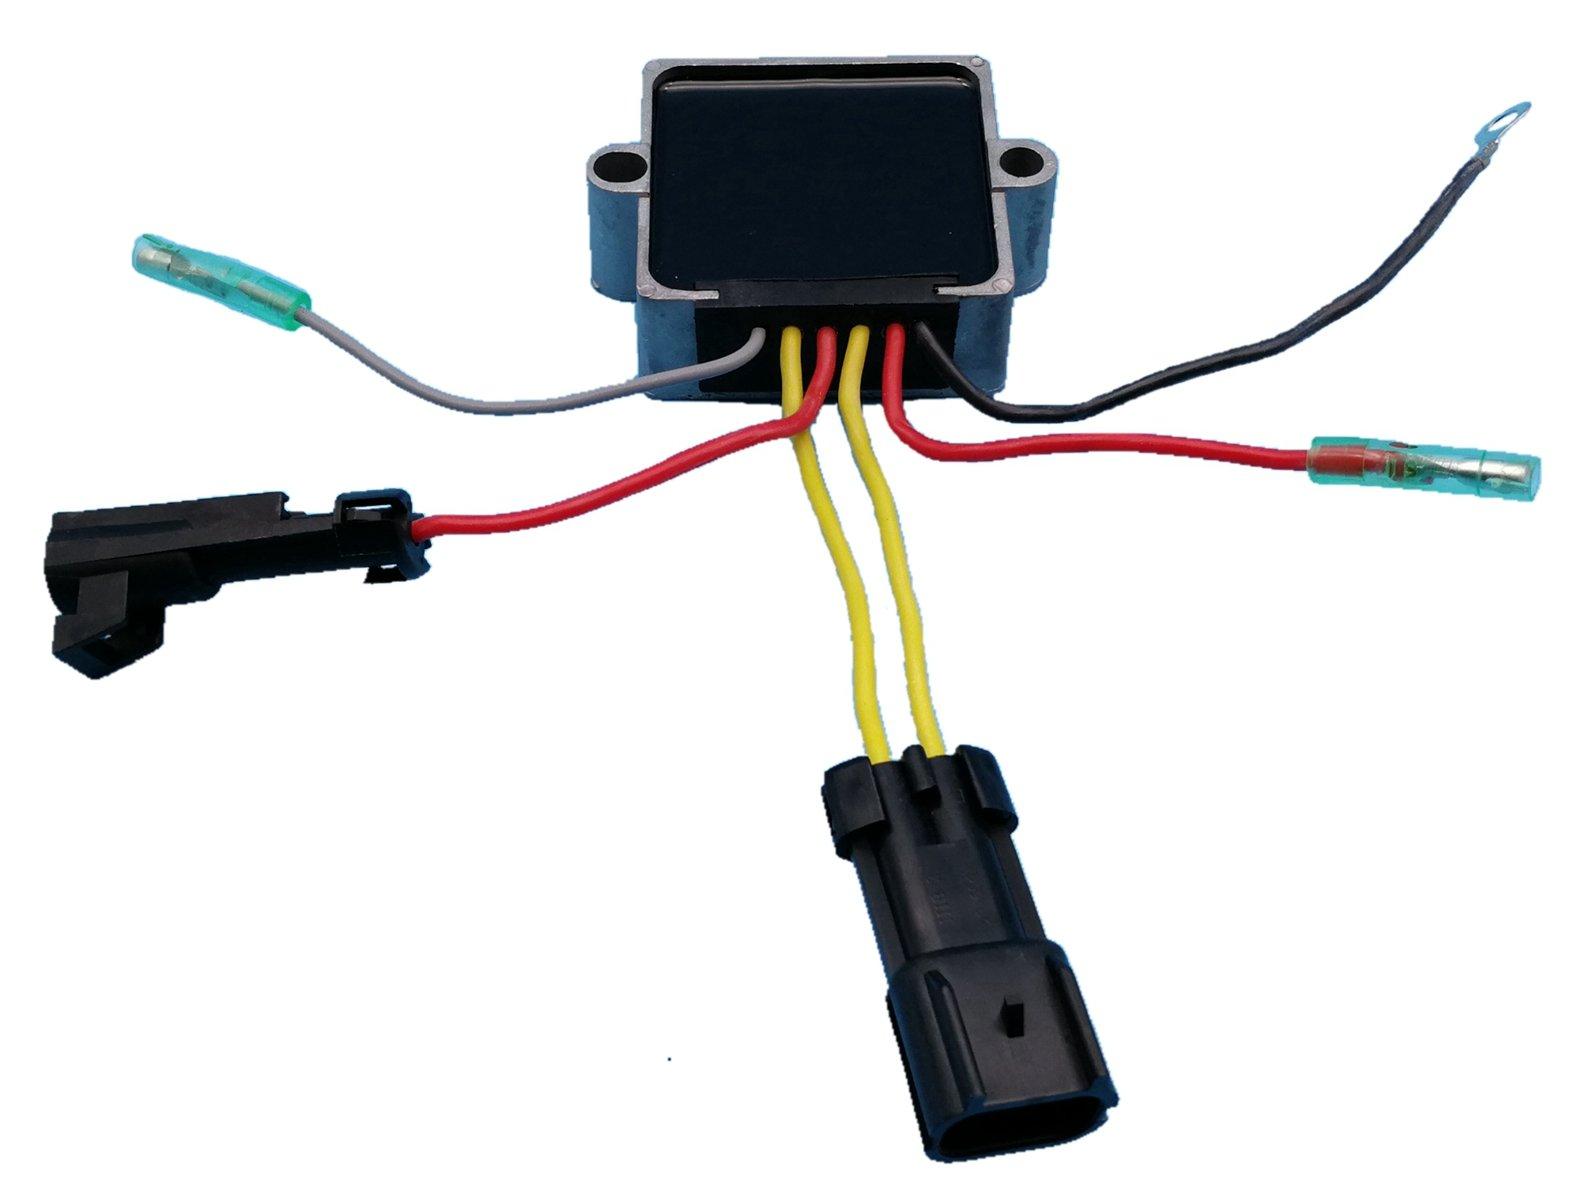 Generic Voltage Regulator Rectifier for Mercury 6 Wires 25hp 30hp 40hp 50hp 60hp 135hp 140jet 150hp 175hp 200hp 240hp Replace 194-3072K1 854515T2 883071T1 883072T1 883072T2 893640-002 New Z58